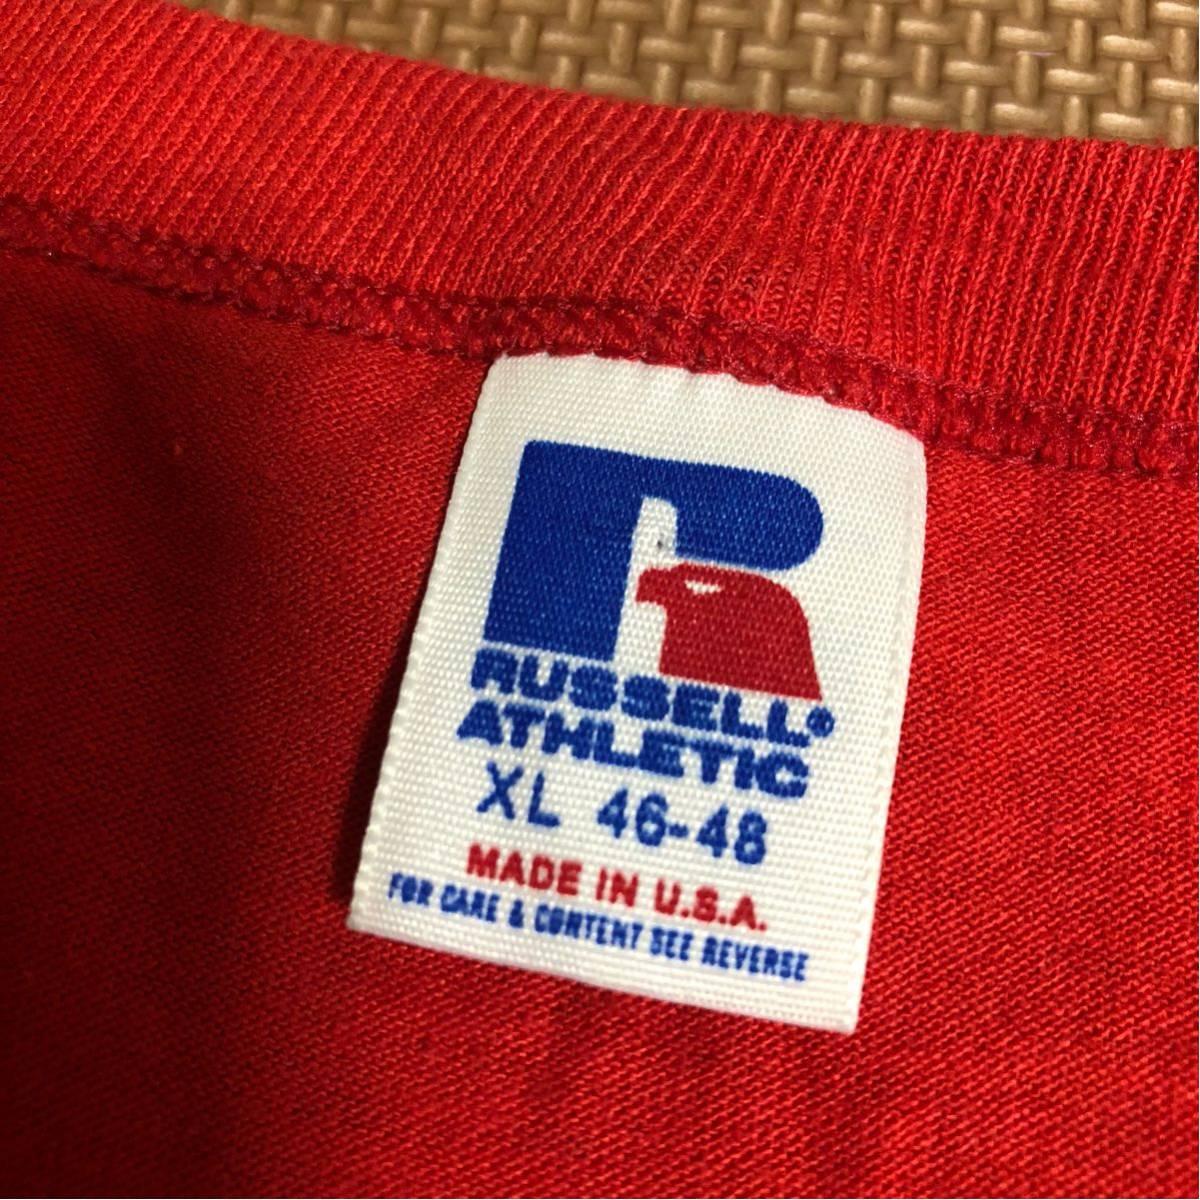 希少 USA製 90sヴィンテージ チャールズマンソン 総柄 Tシャツ XL シングルステッチ バンド ムービー 映画 モスキートヘッド 80s マリリン_画像4